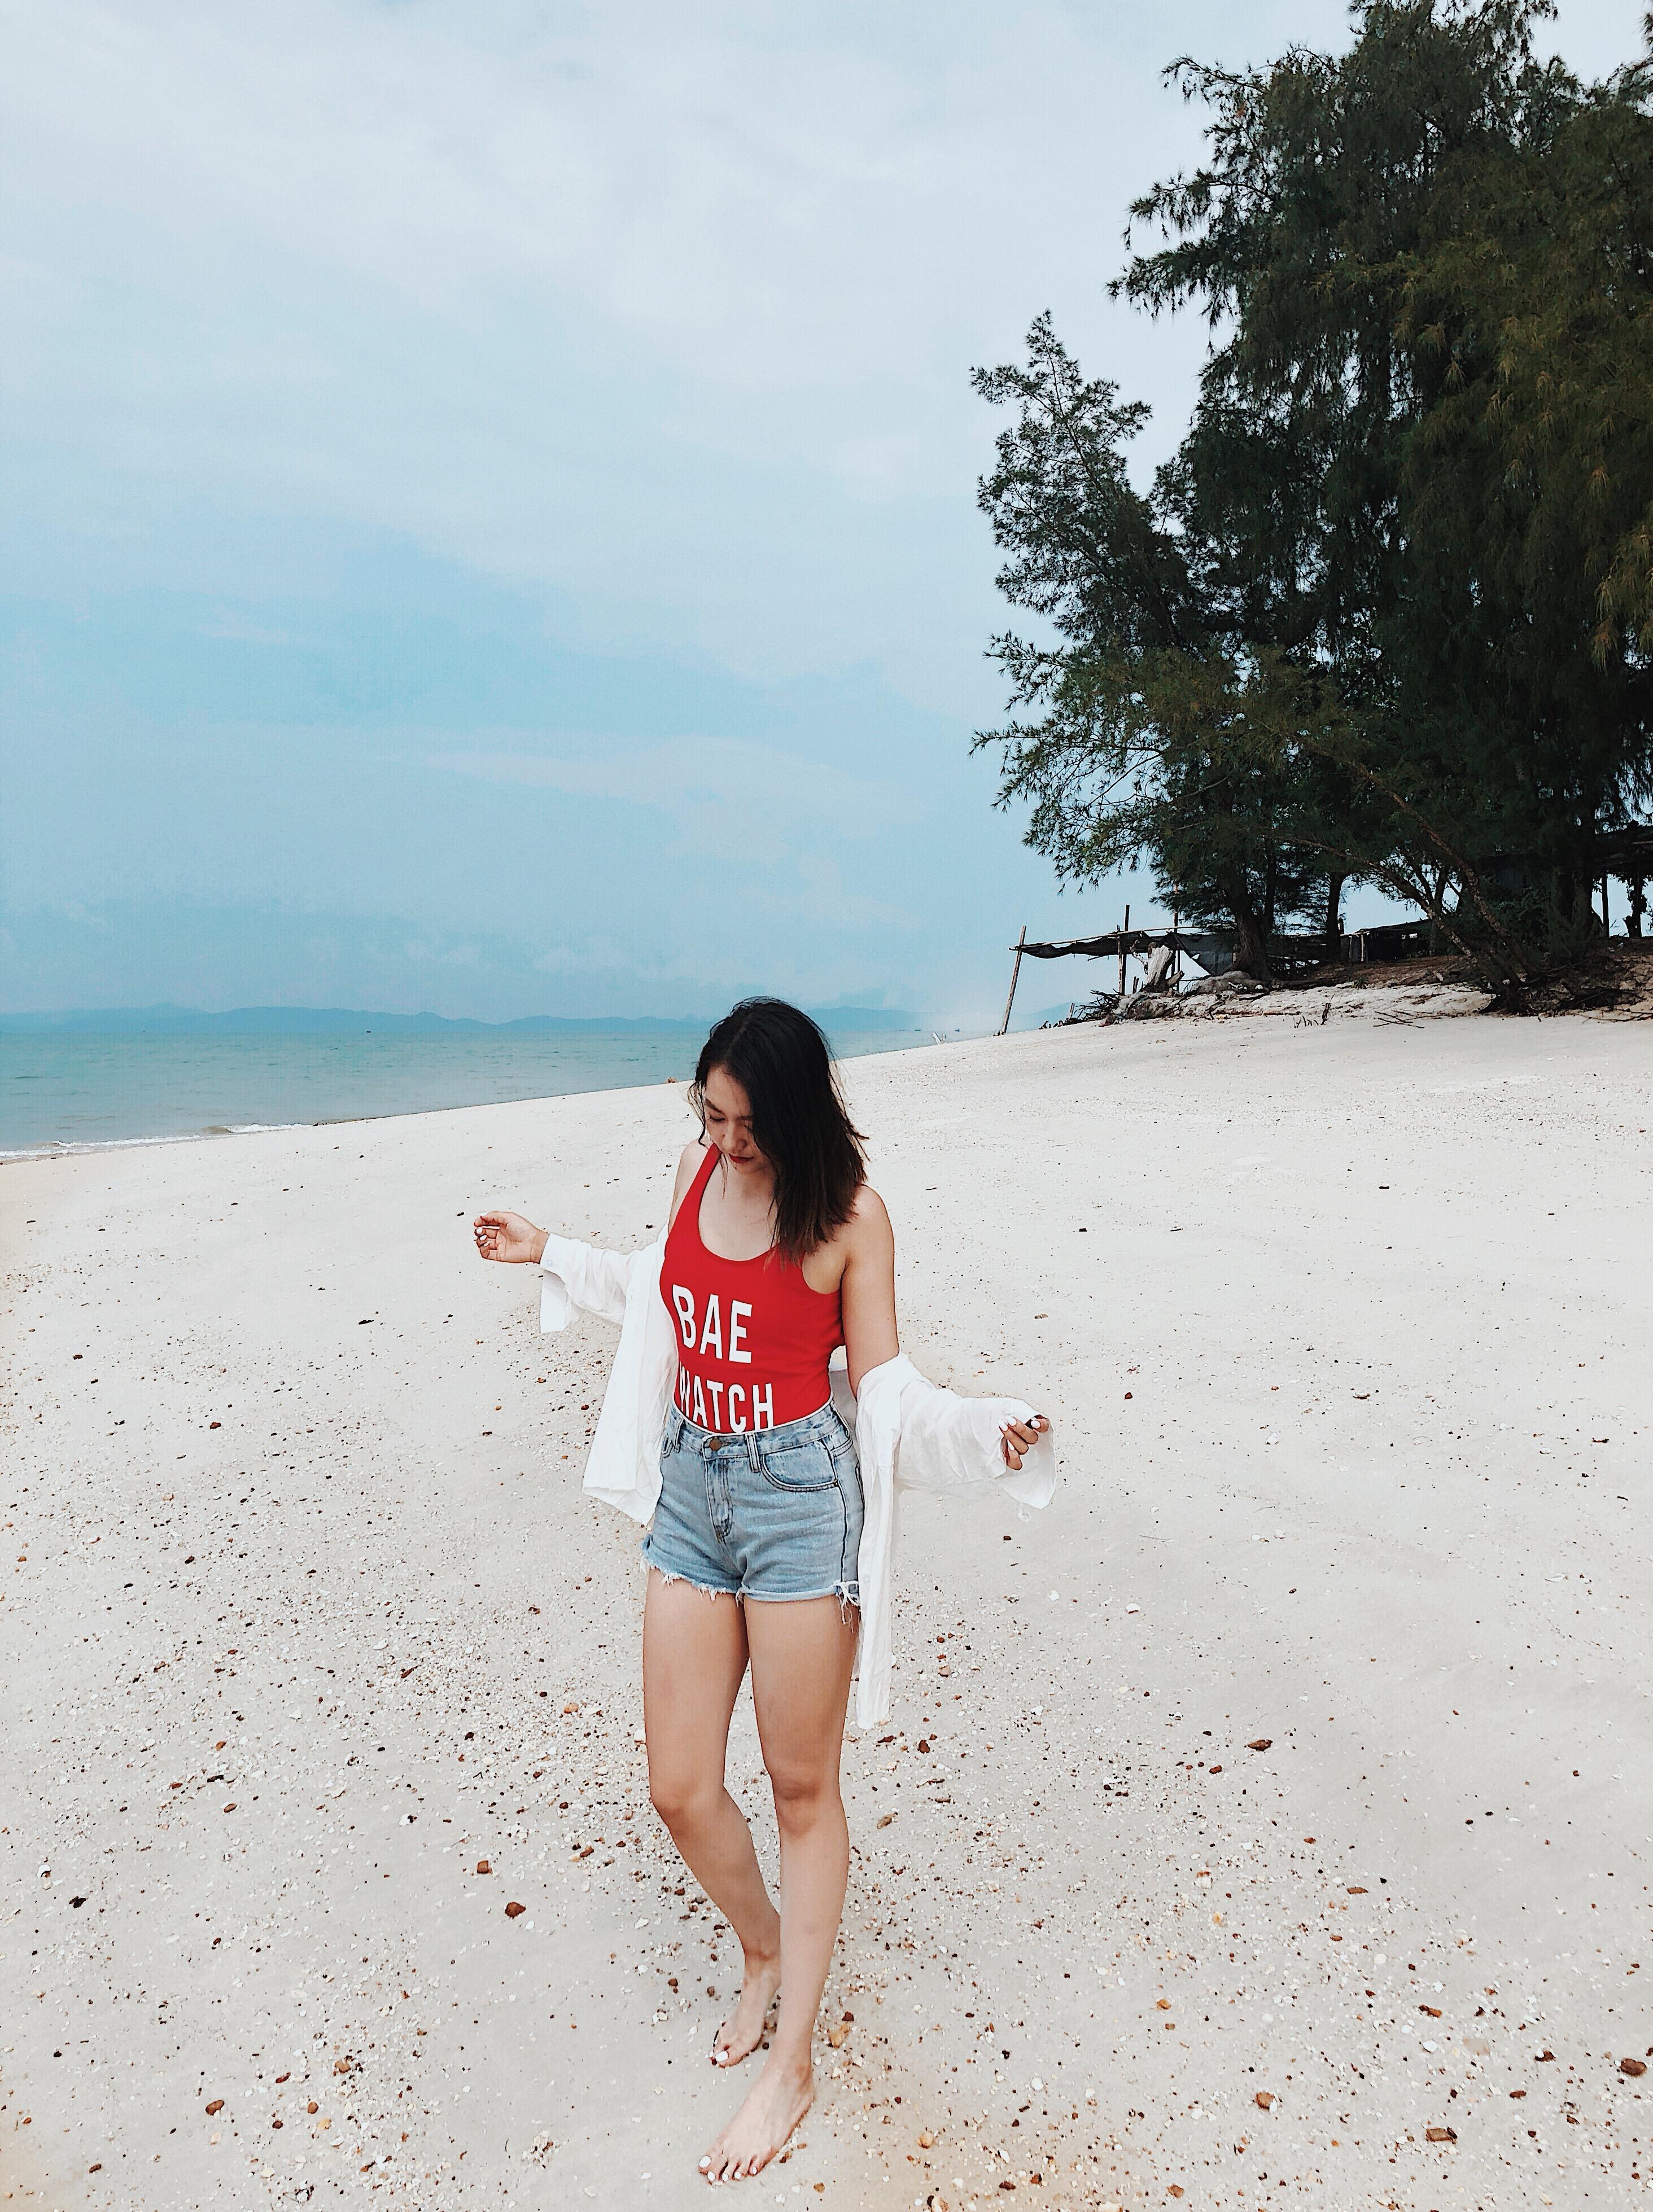 Bảo Ngọc đến với Miss FPTU 2018 vì muốn được thử thách bản thân, trau dồi, học hỏi thêm những điều mới mẻ và để sống hết mình với tuổi sinh viên, cống hiến điều gì đó cho mái trường đại học.